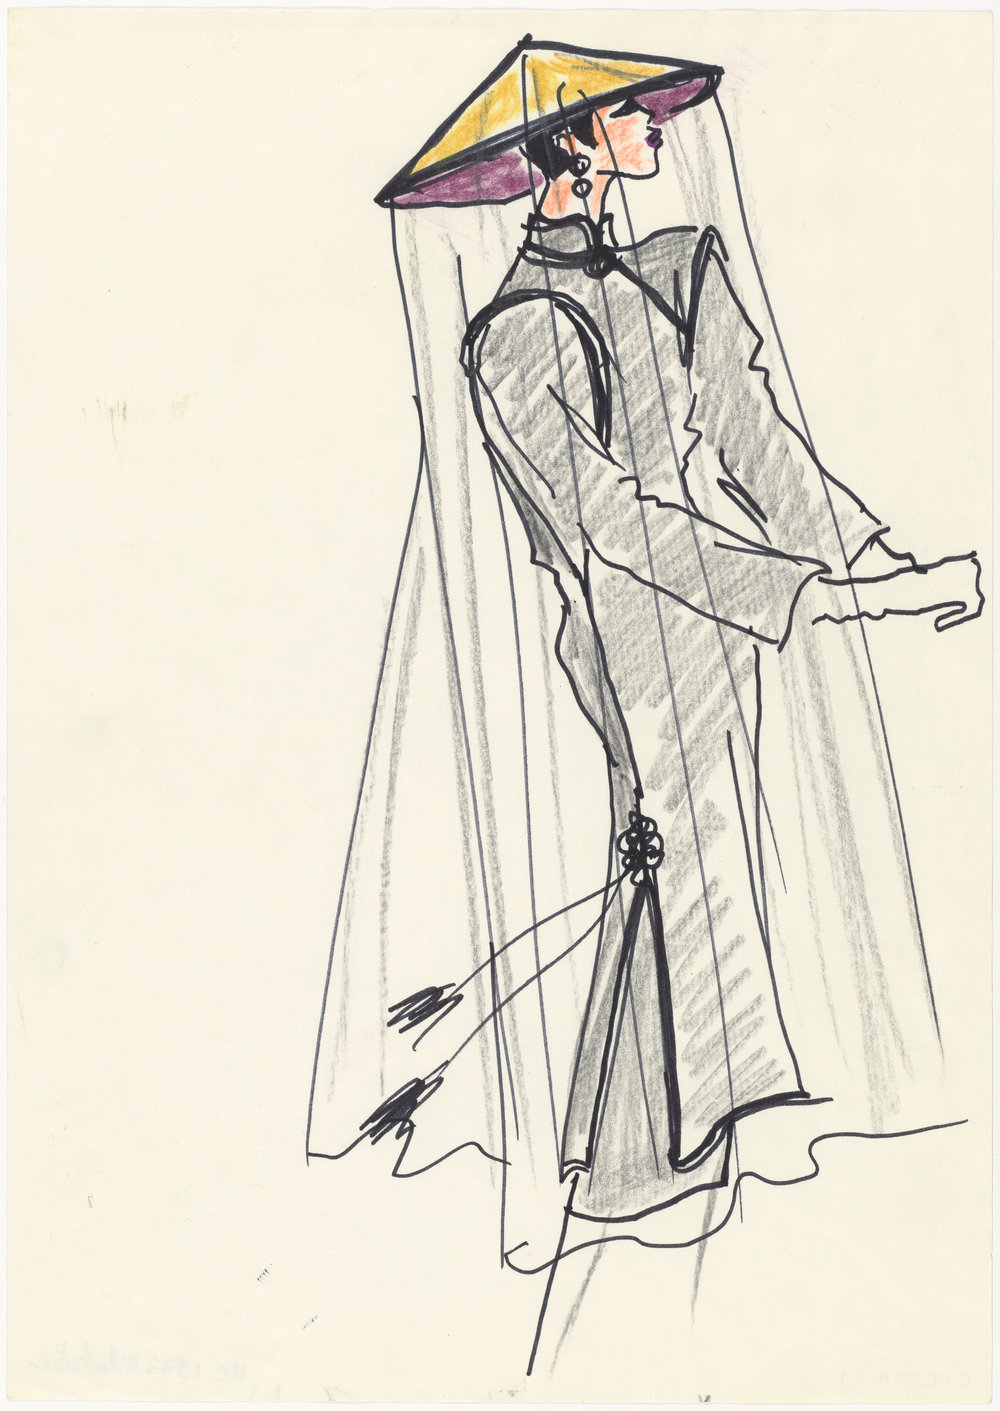 03 - Croquis d'illustration pour la collection haute couture automne-hiver 1977, Musée Yves Saint Laurent Paris © Fondation Pierre Bergé - Yves Saint Laurent _ Tous droits réservés.jpg